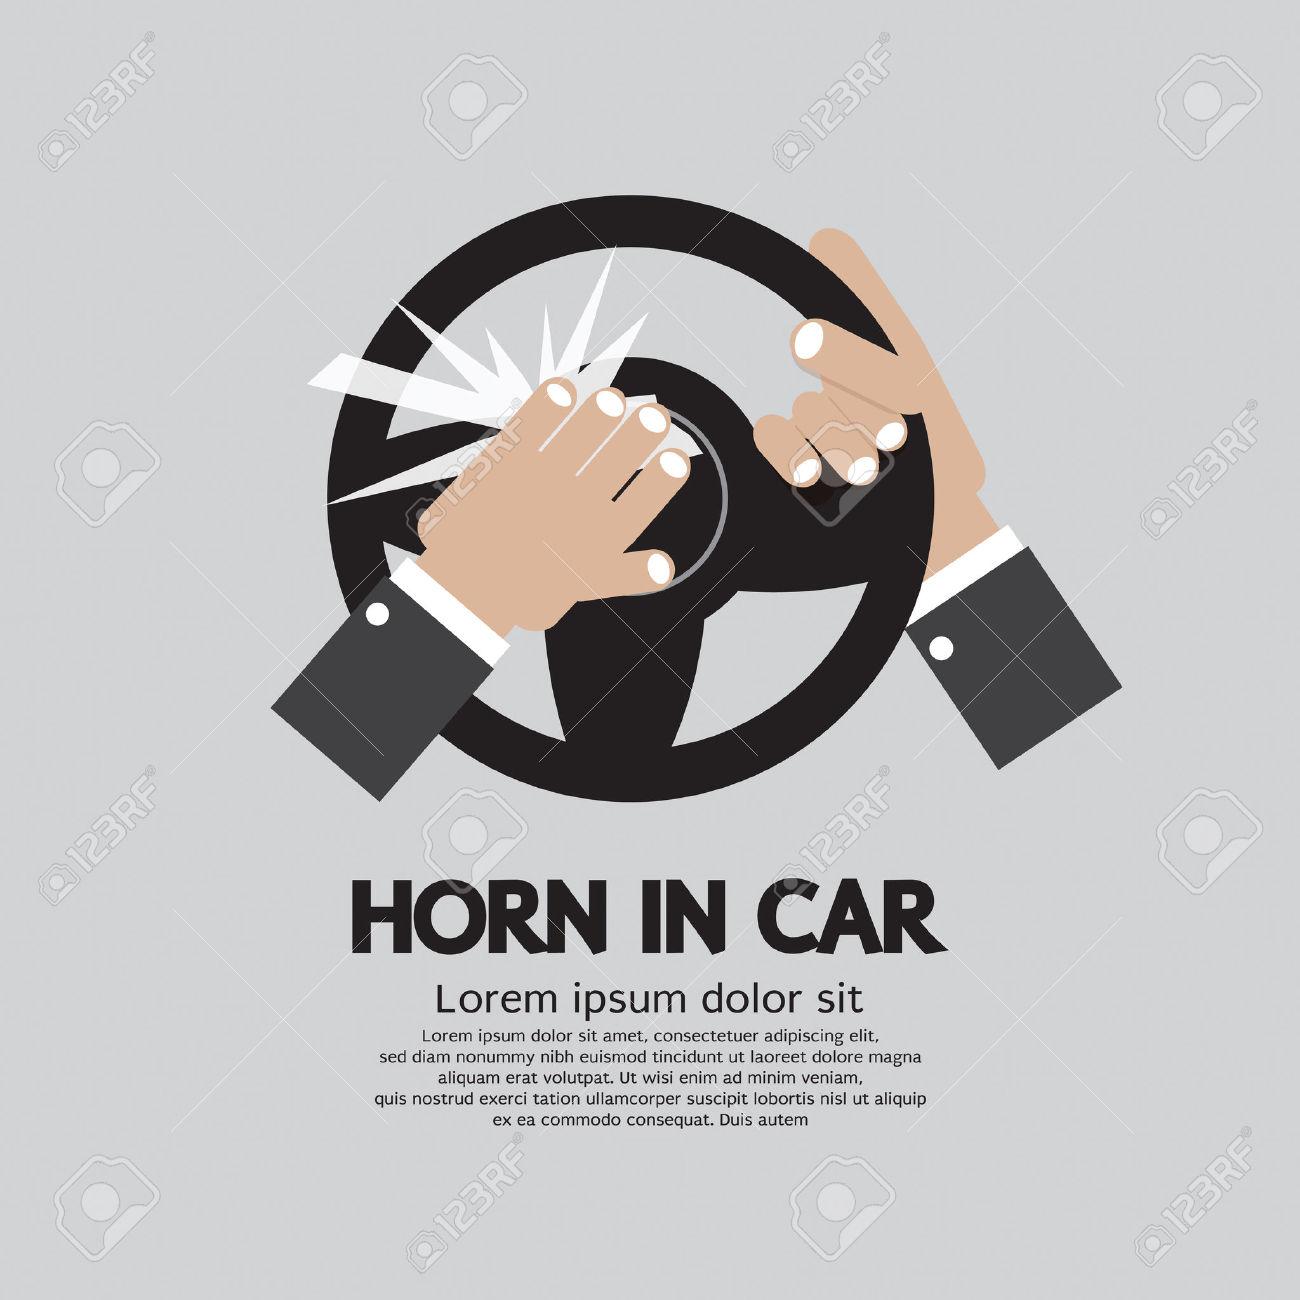 Car horn clipart.